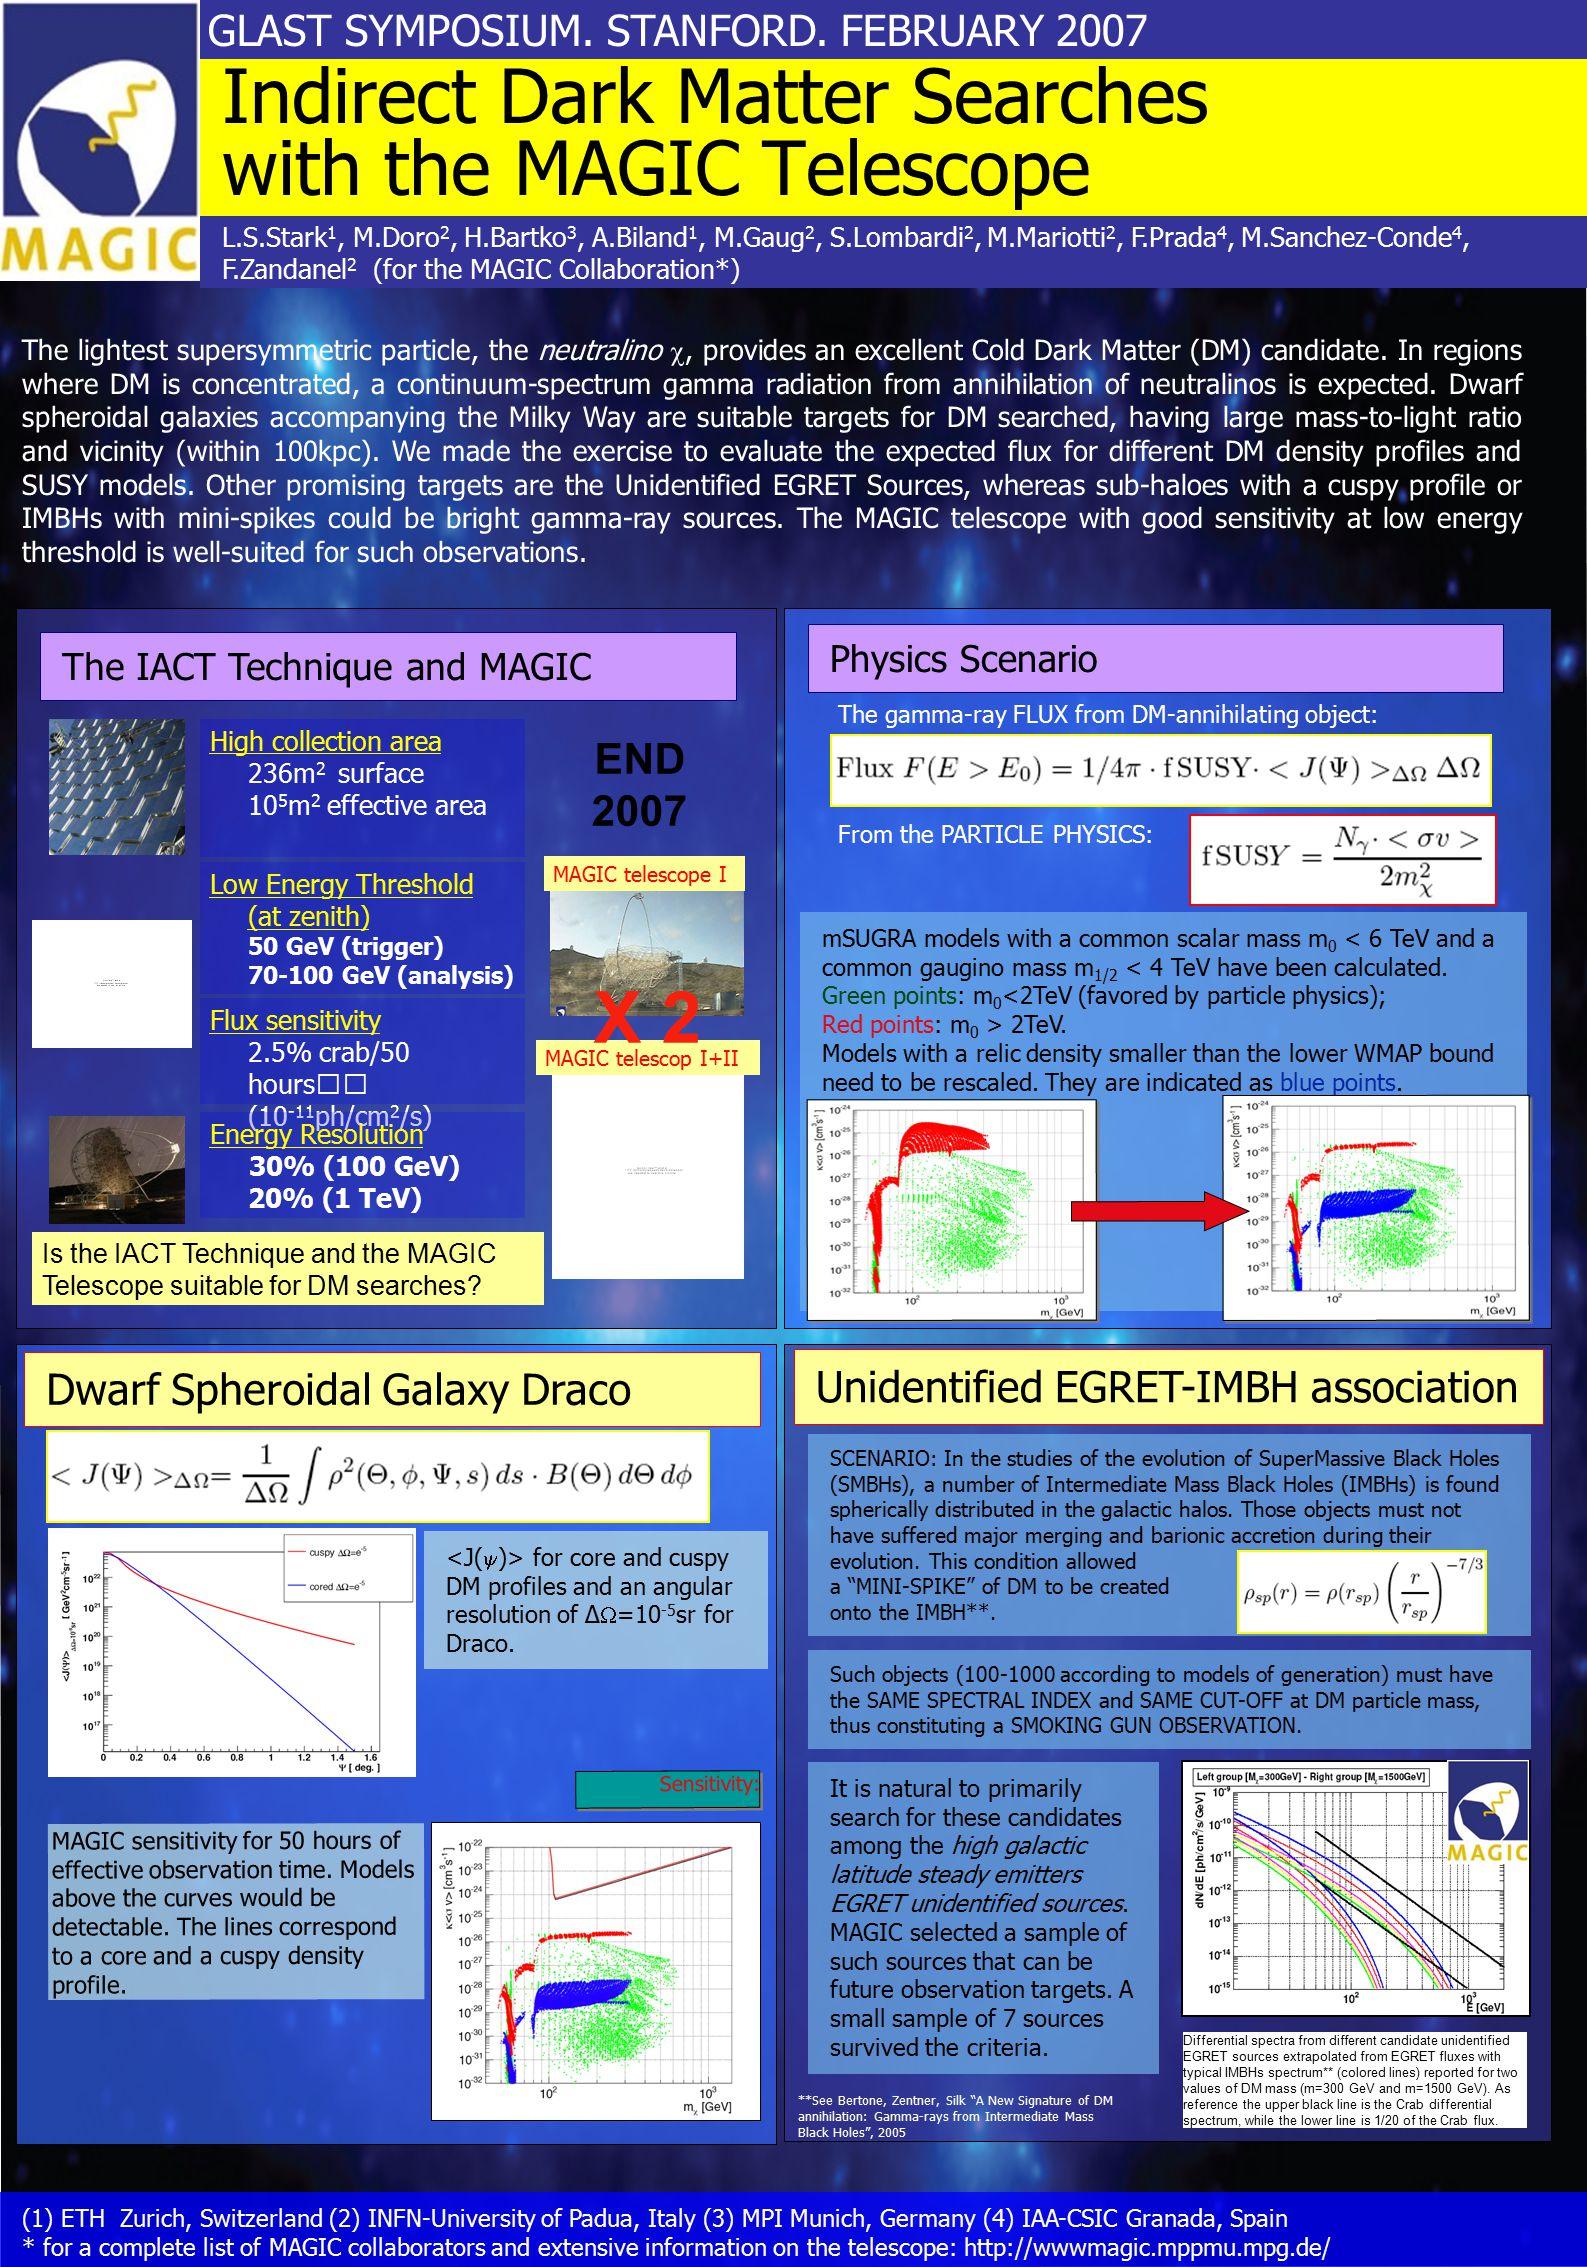 L.S.Stark 1, M.Doro 2, H.Bartko 3, A.Biland 1, M.Gaug 2, S.Lombardi 2, M.Mariotti 2, F.Prada 4, M.Sanchez-Conde 4, F.Zandanel 2 (for the MAGIC Collaboration*) Indirect Dark Matter Searches with the MAGIC Telescope The lightest supersymmetric particle, the neutralino , provides an excellent Cold Dark Matter (DM) candidate.